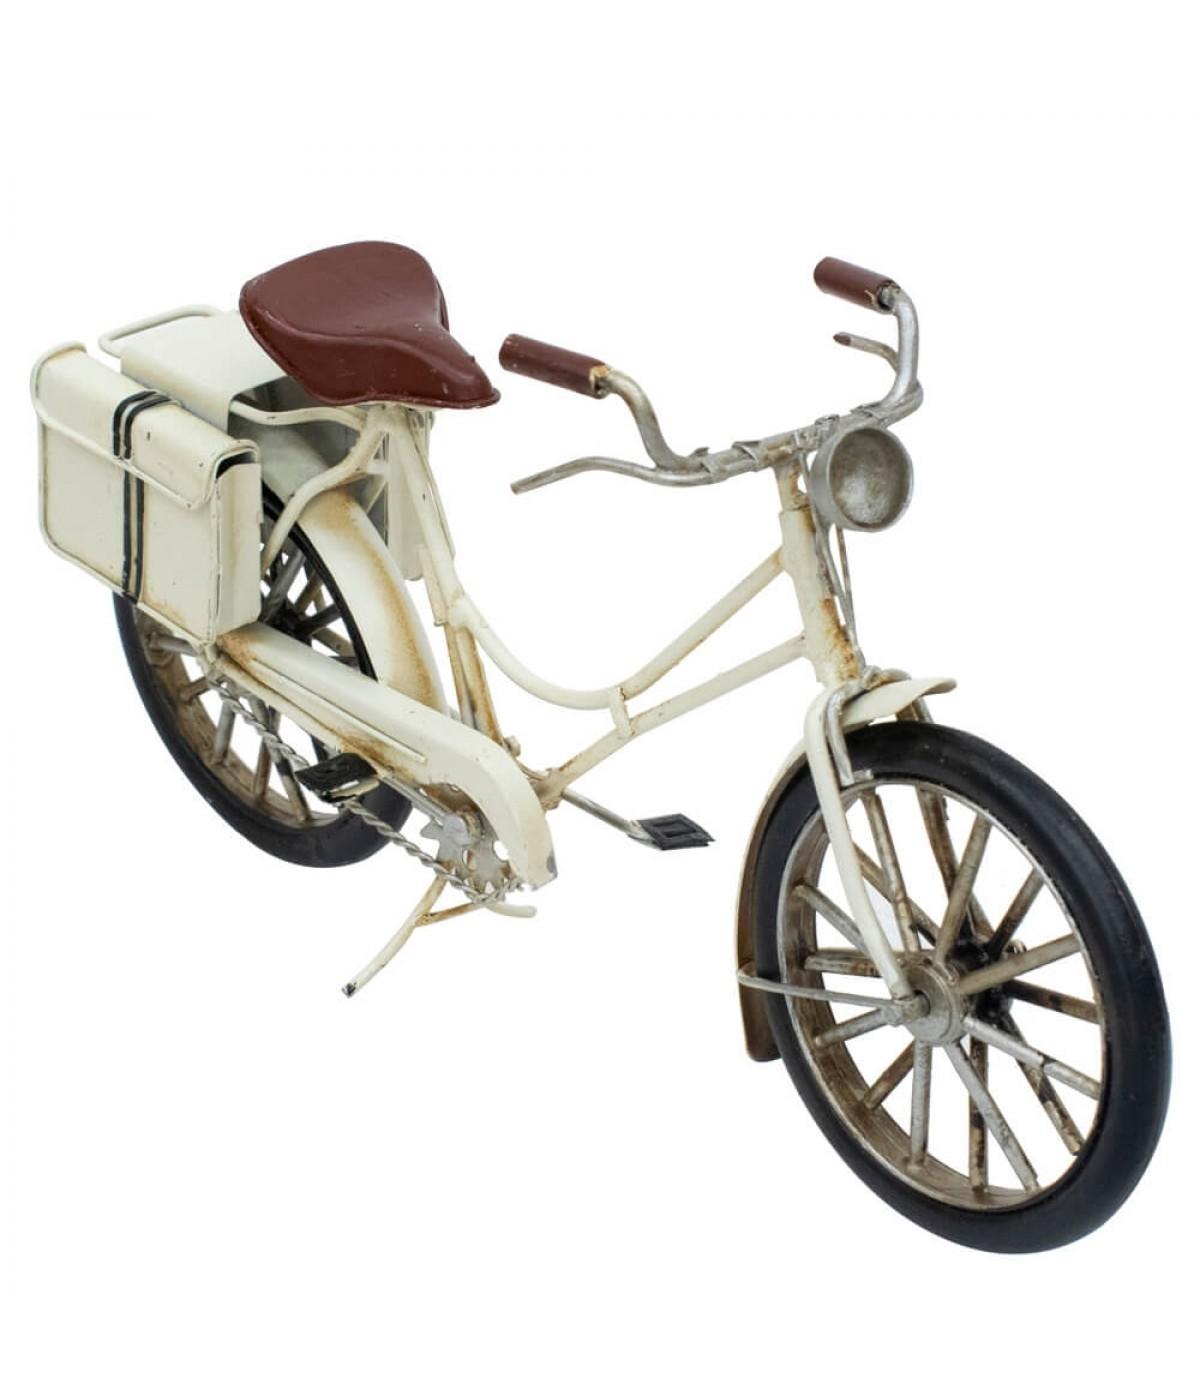 Bicicleta Branca 14.5x29x7.5cm Estilo Retrô - Vintage